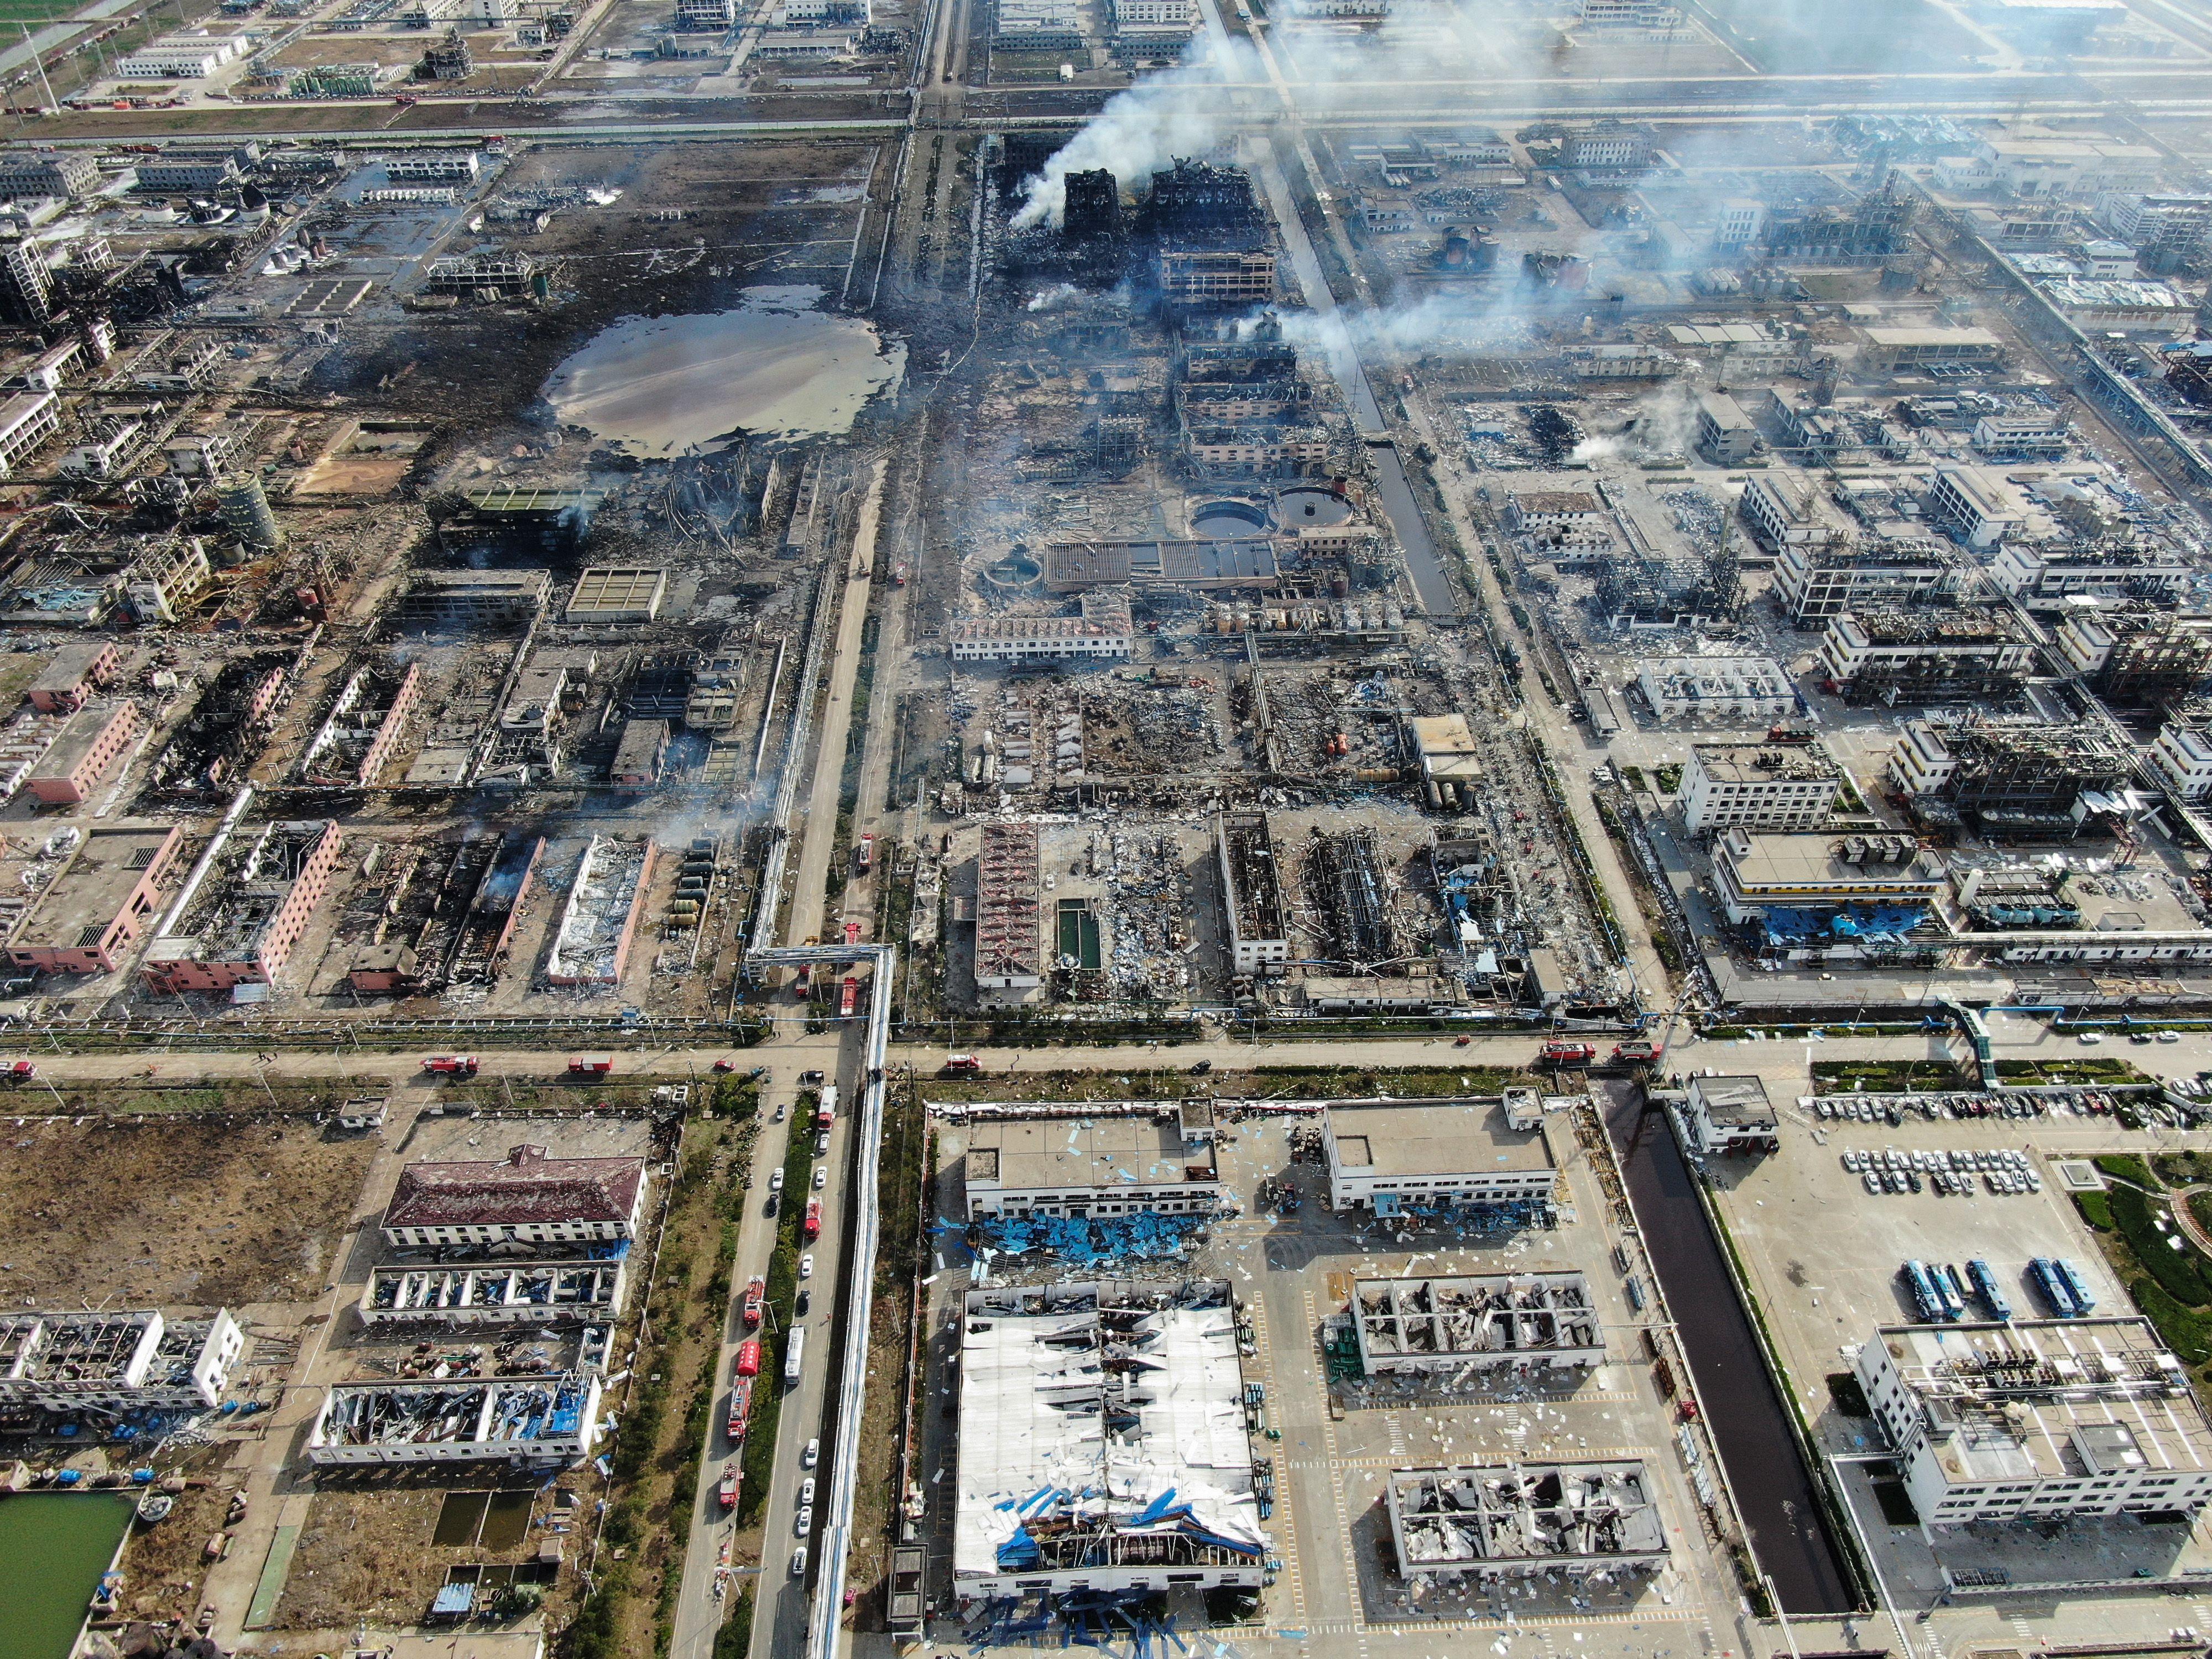 3月21日,江蘇省響水縣生態化工園區內的天嘉宜化工有限公司發生爆炸事故。(STR/AFP/Getty Images)